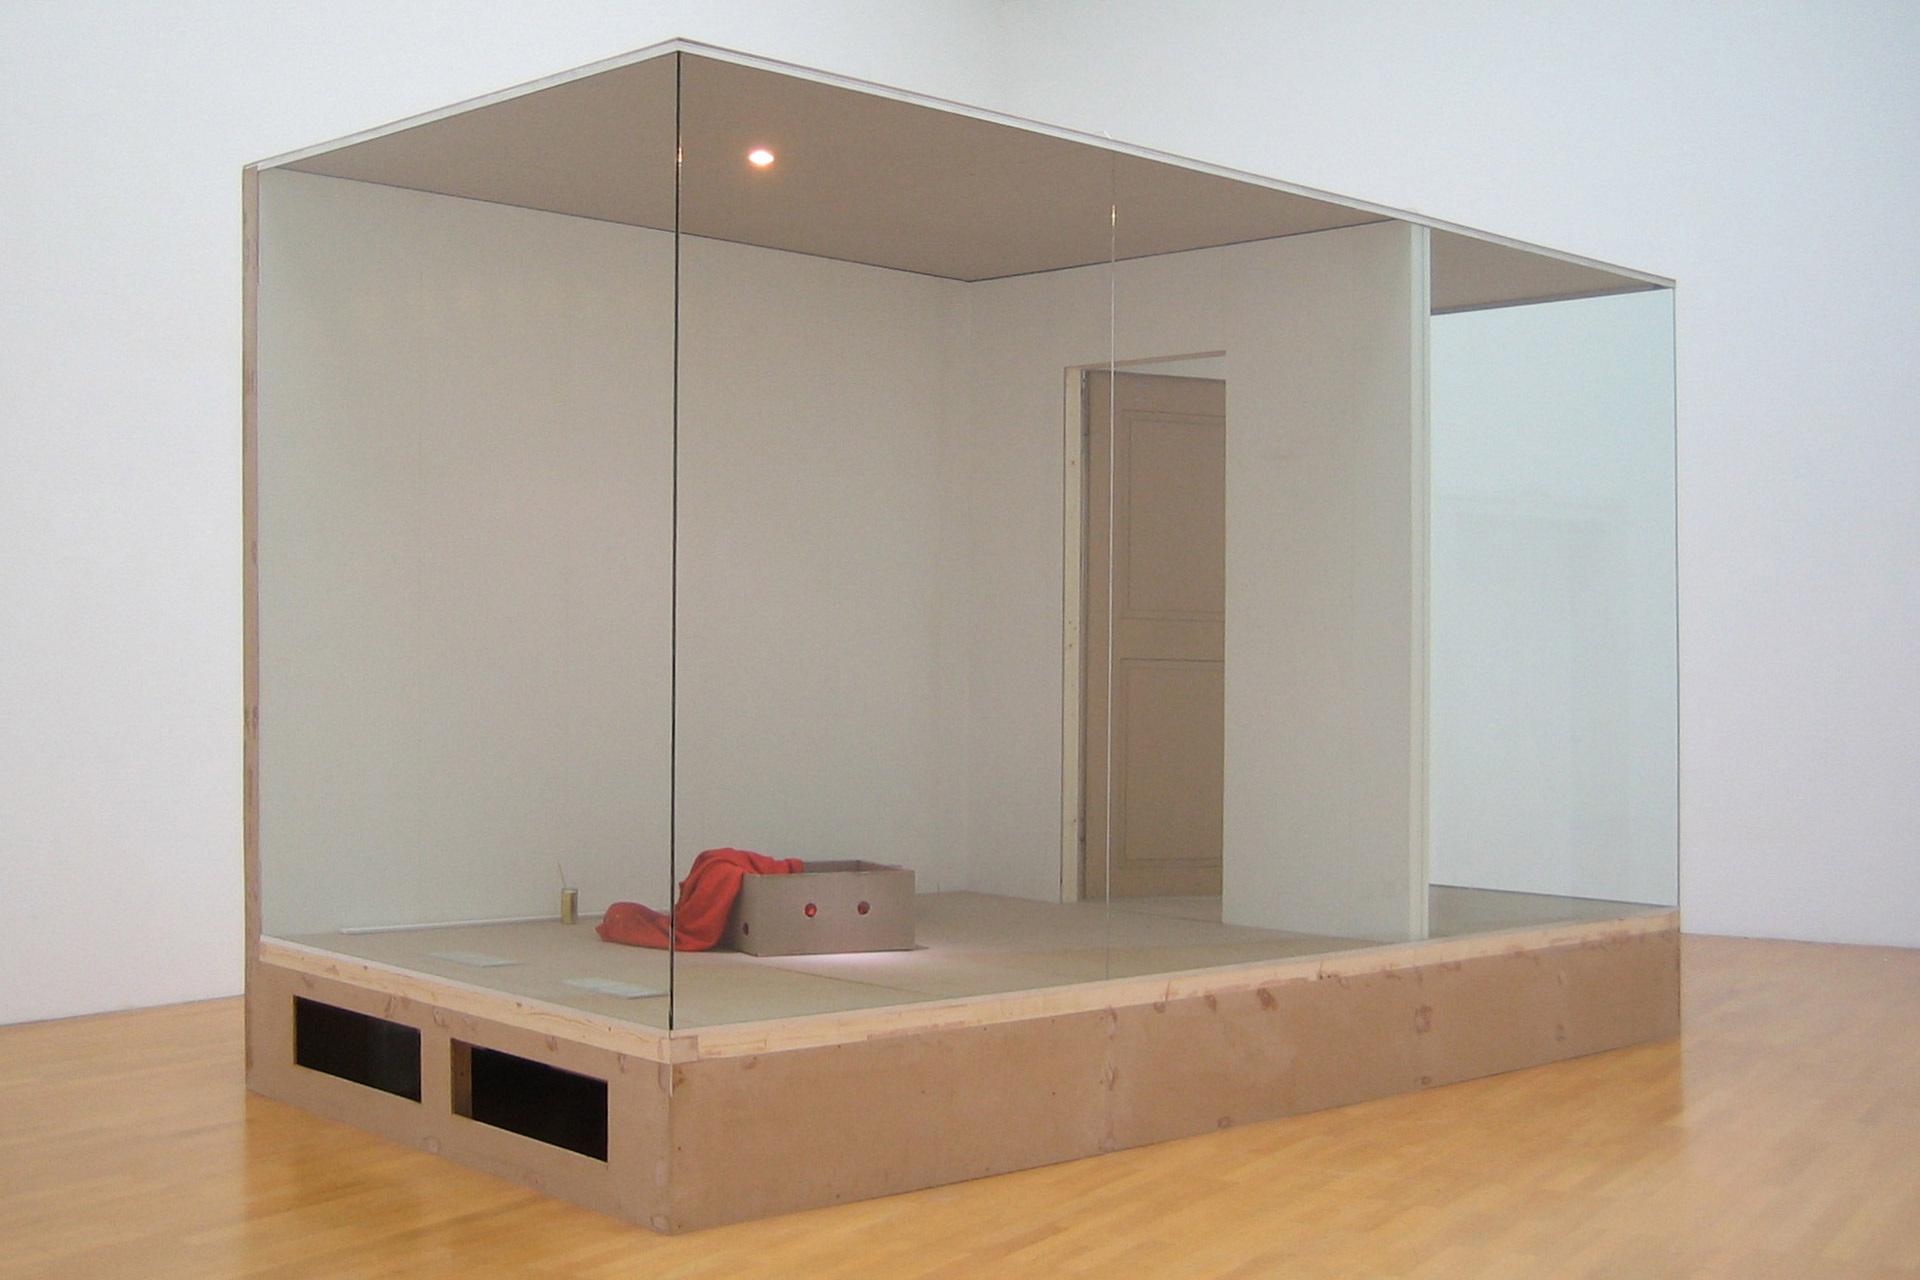 David-Renggli-Kunsthalle-Winterthur-2006.jpg